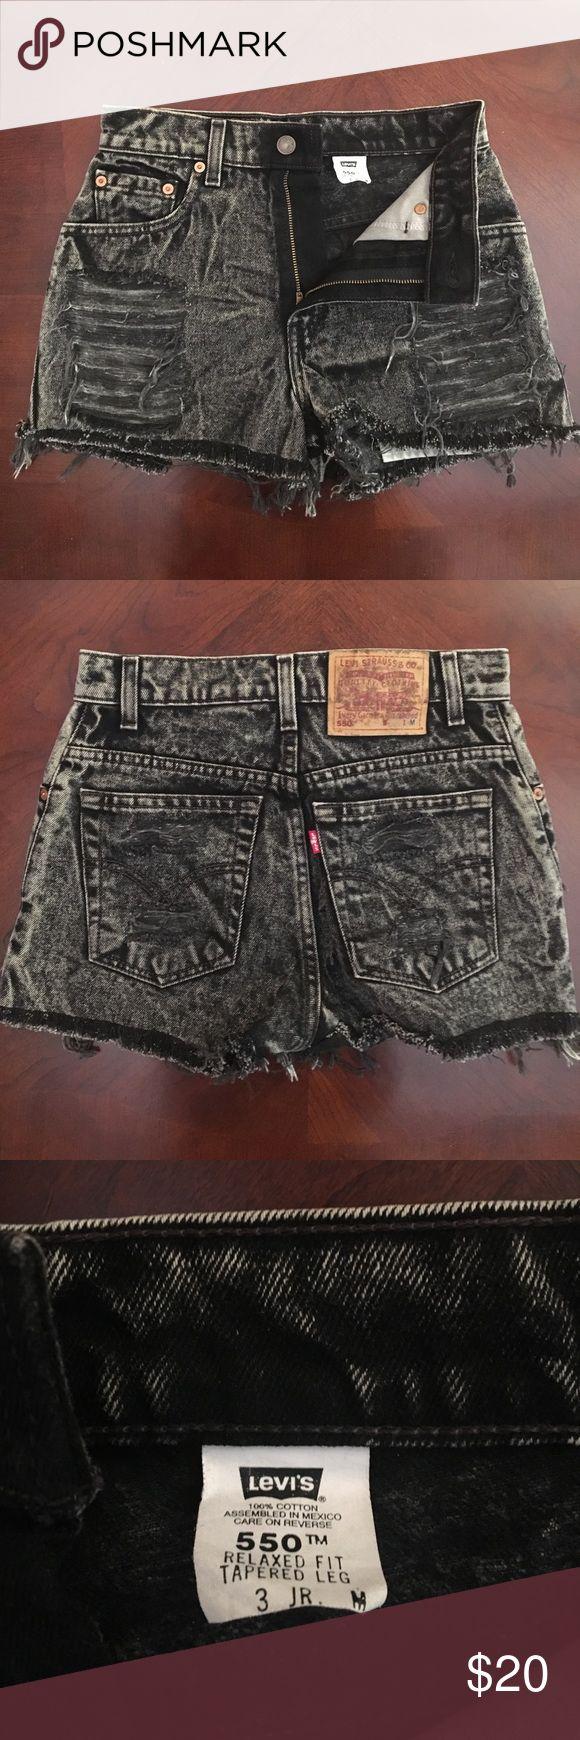 Levi's 550 jean short jr 3 M Levi's black jean short Levi's Shorts Jean Shorts